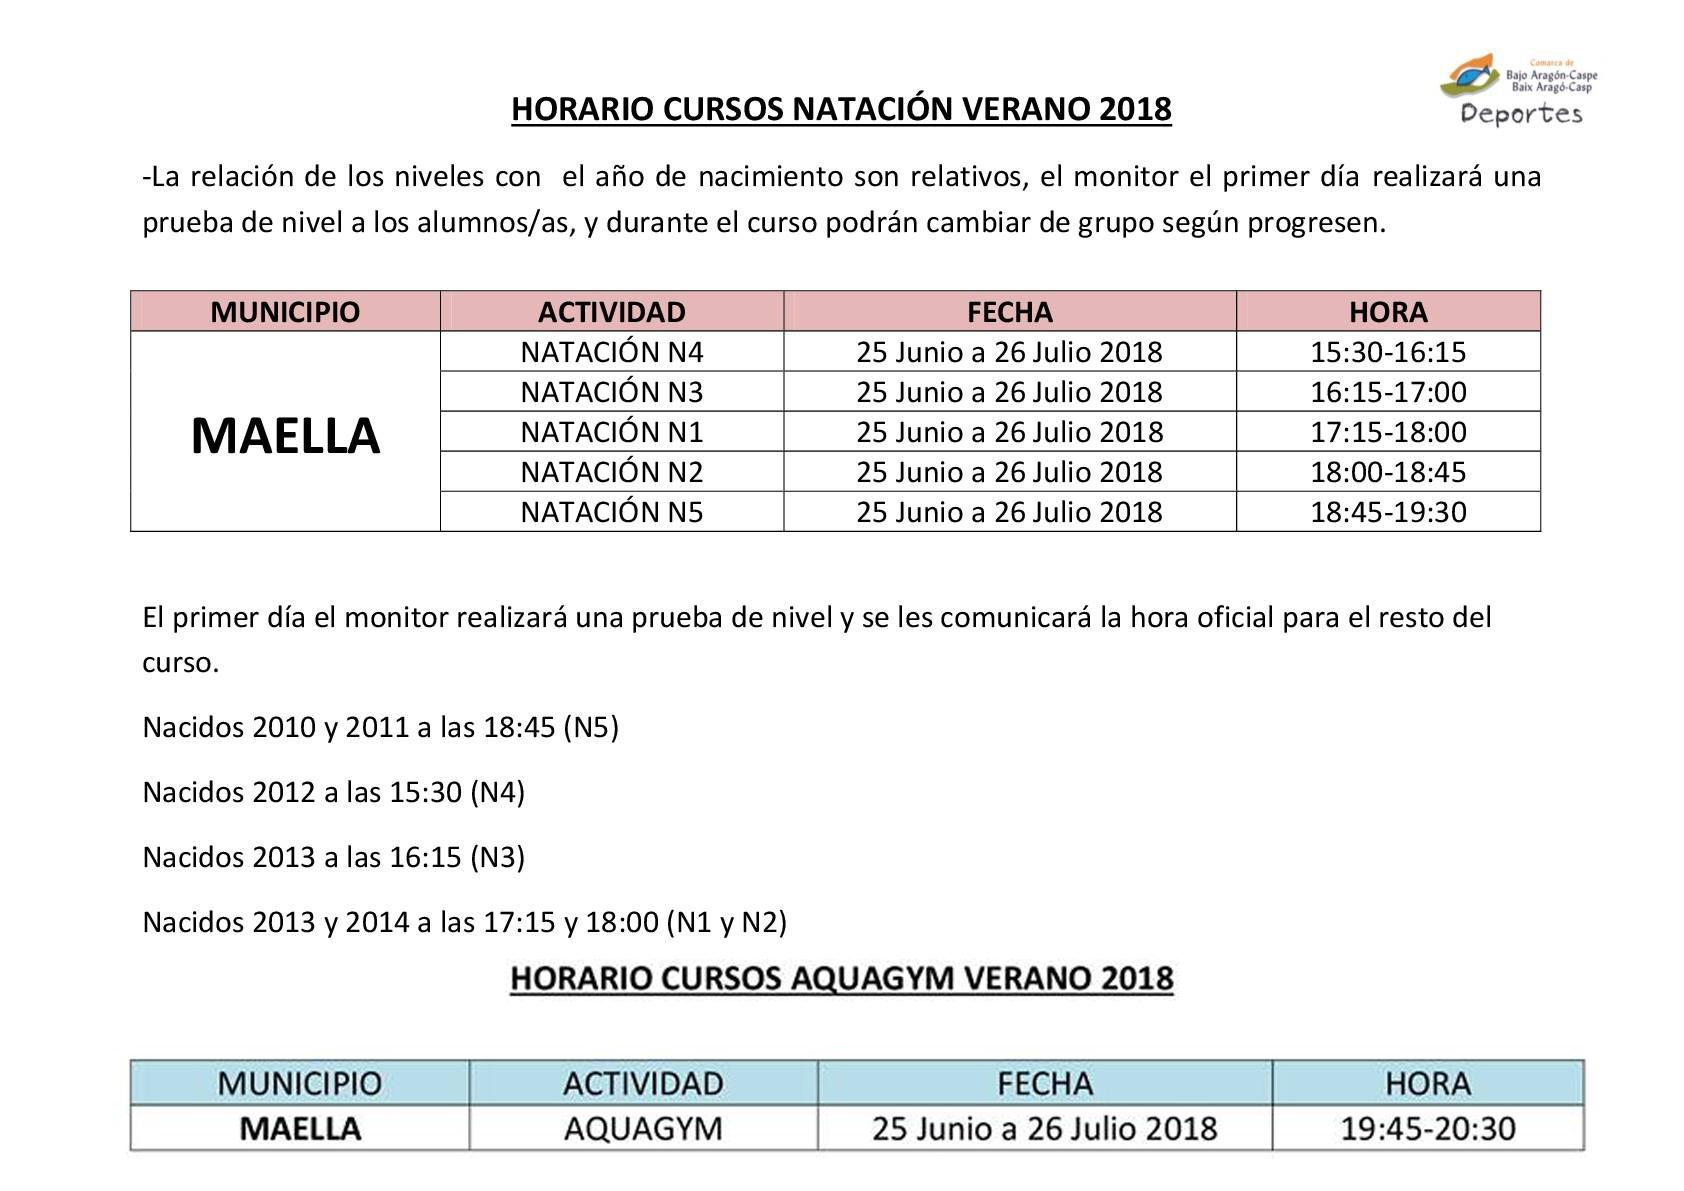 HORARIOS CURSO DE NATACION